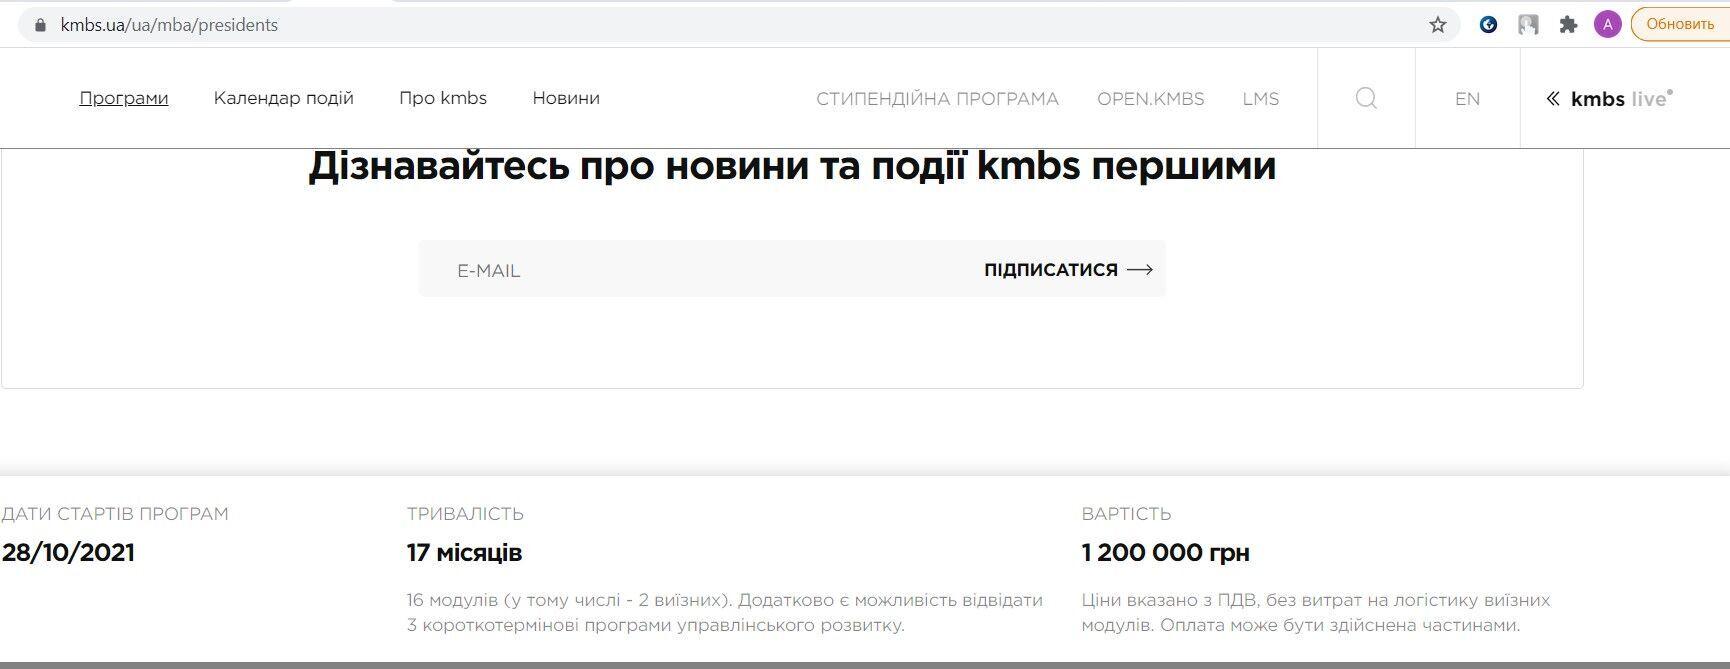 Сколько стоит обучение MBA в Киеве